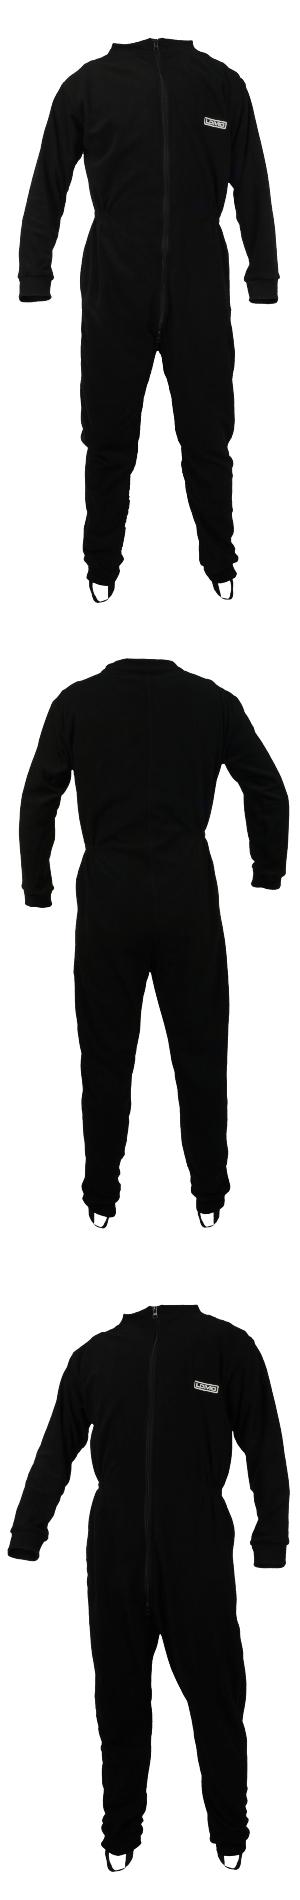 Lomo Element Polar Fleece Drysuit Undersuit - _fleece-drysuit-undersuits-kayaking-1369736189